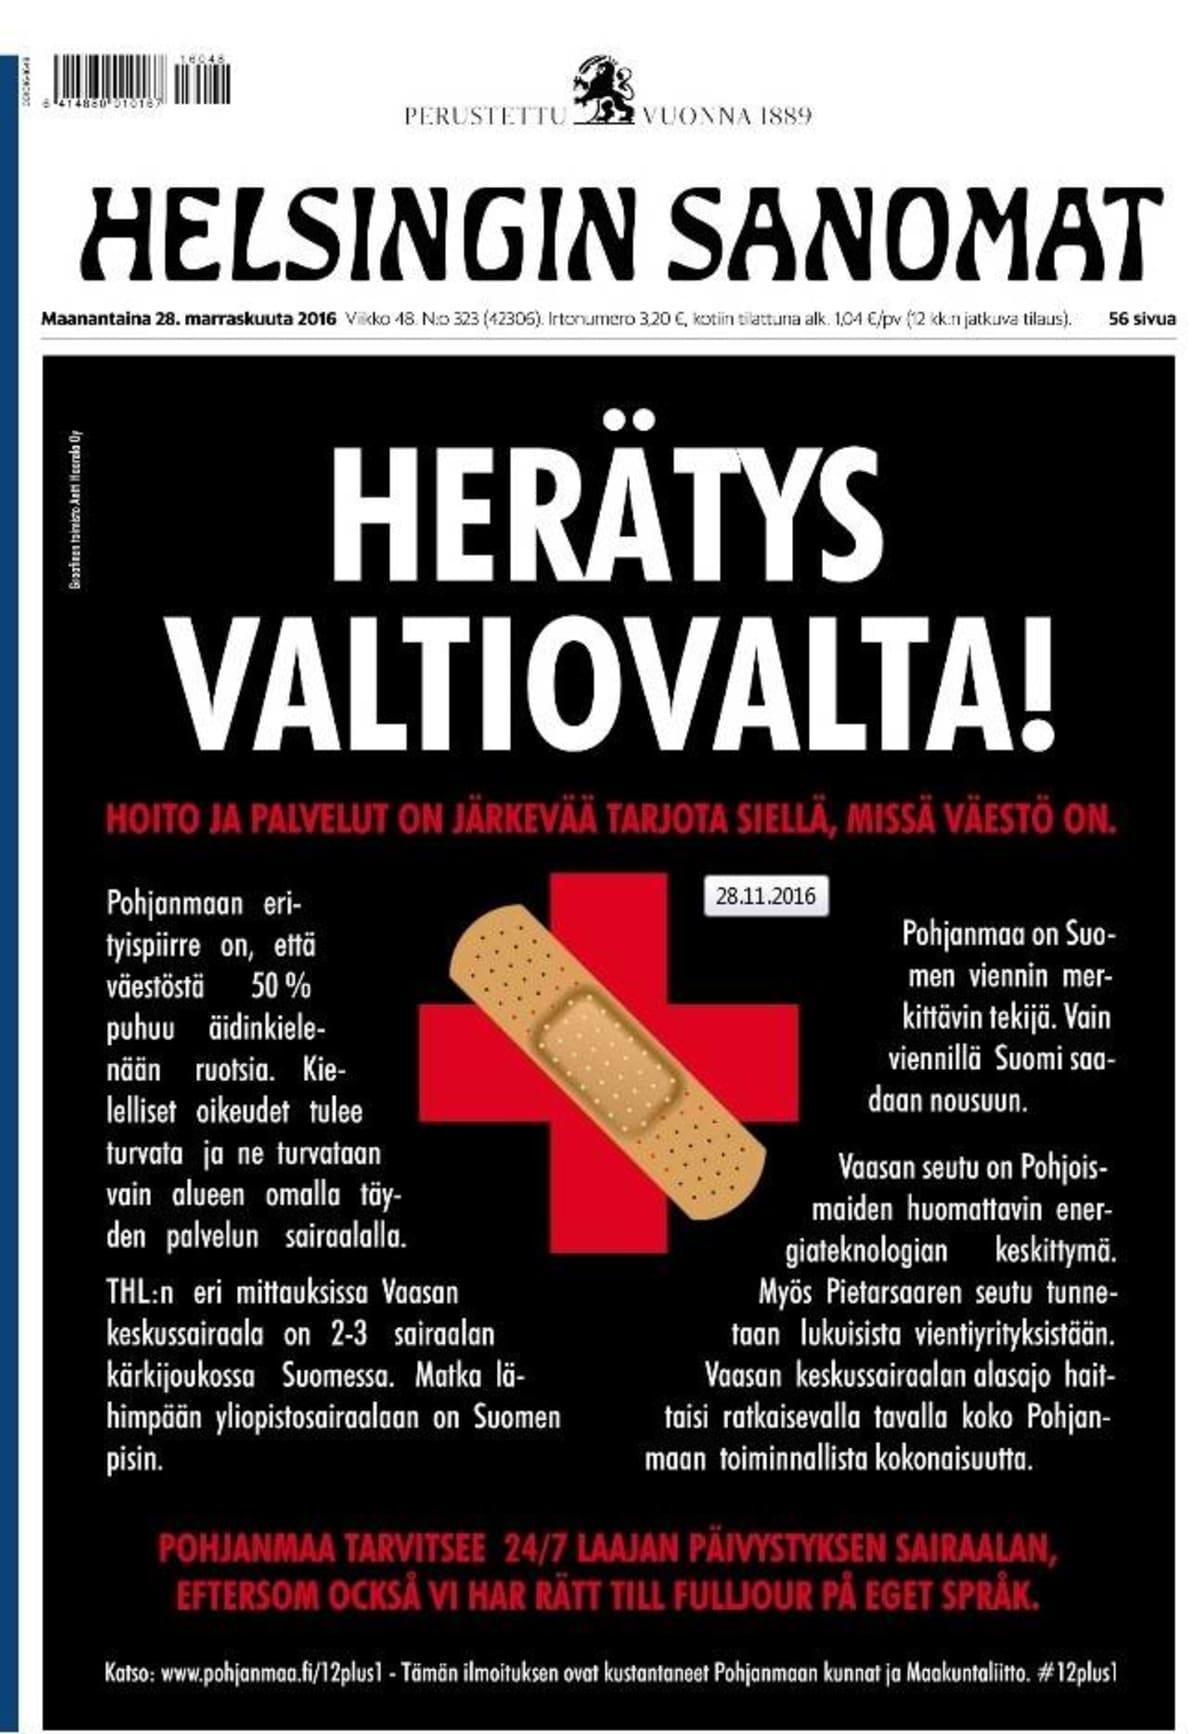 Pohjanmaan kuntien ja Pohjanmaan liiton ostama mainos Helsingin Sanomien etusivulla 28.11.2016.